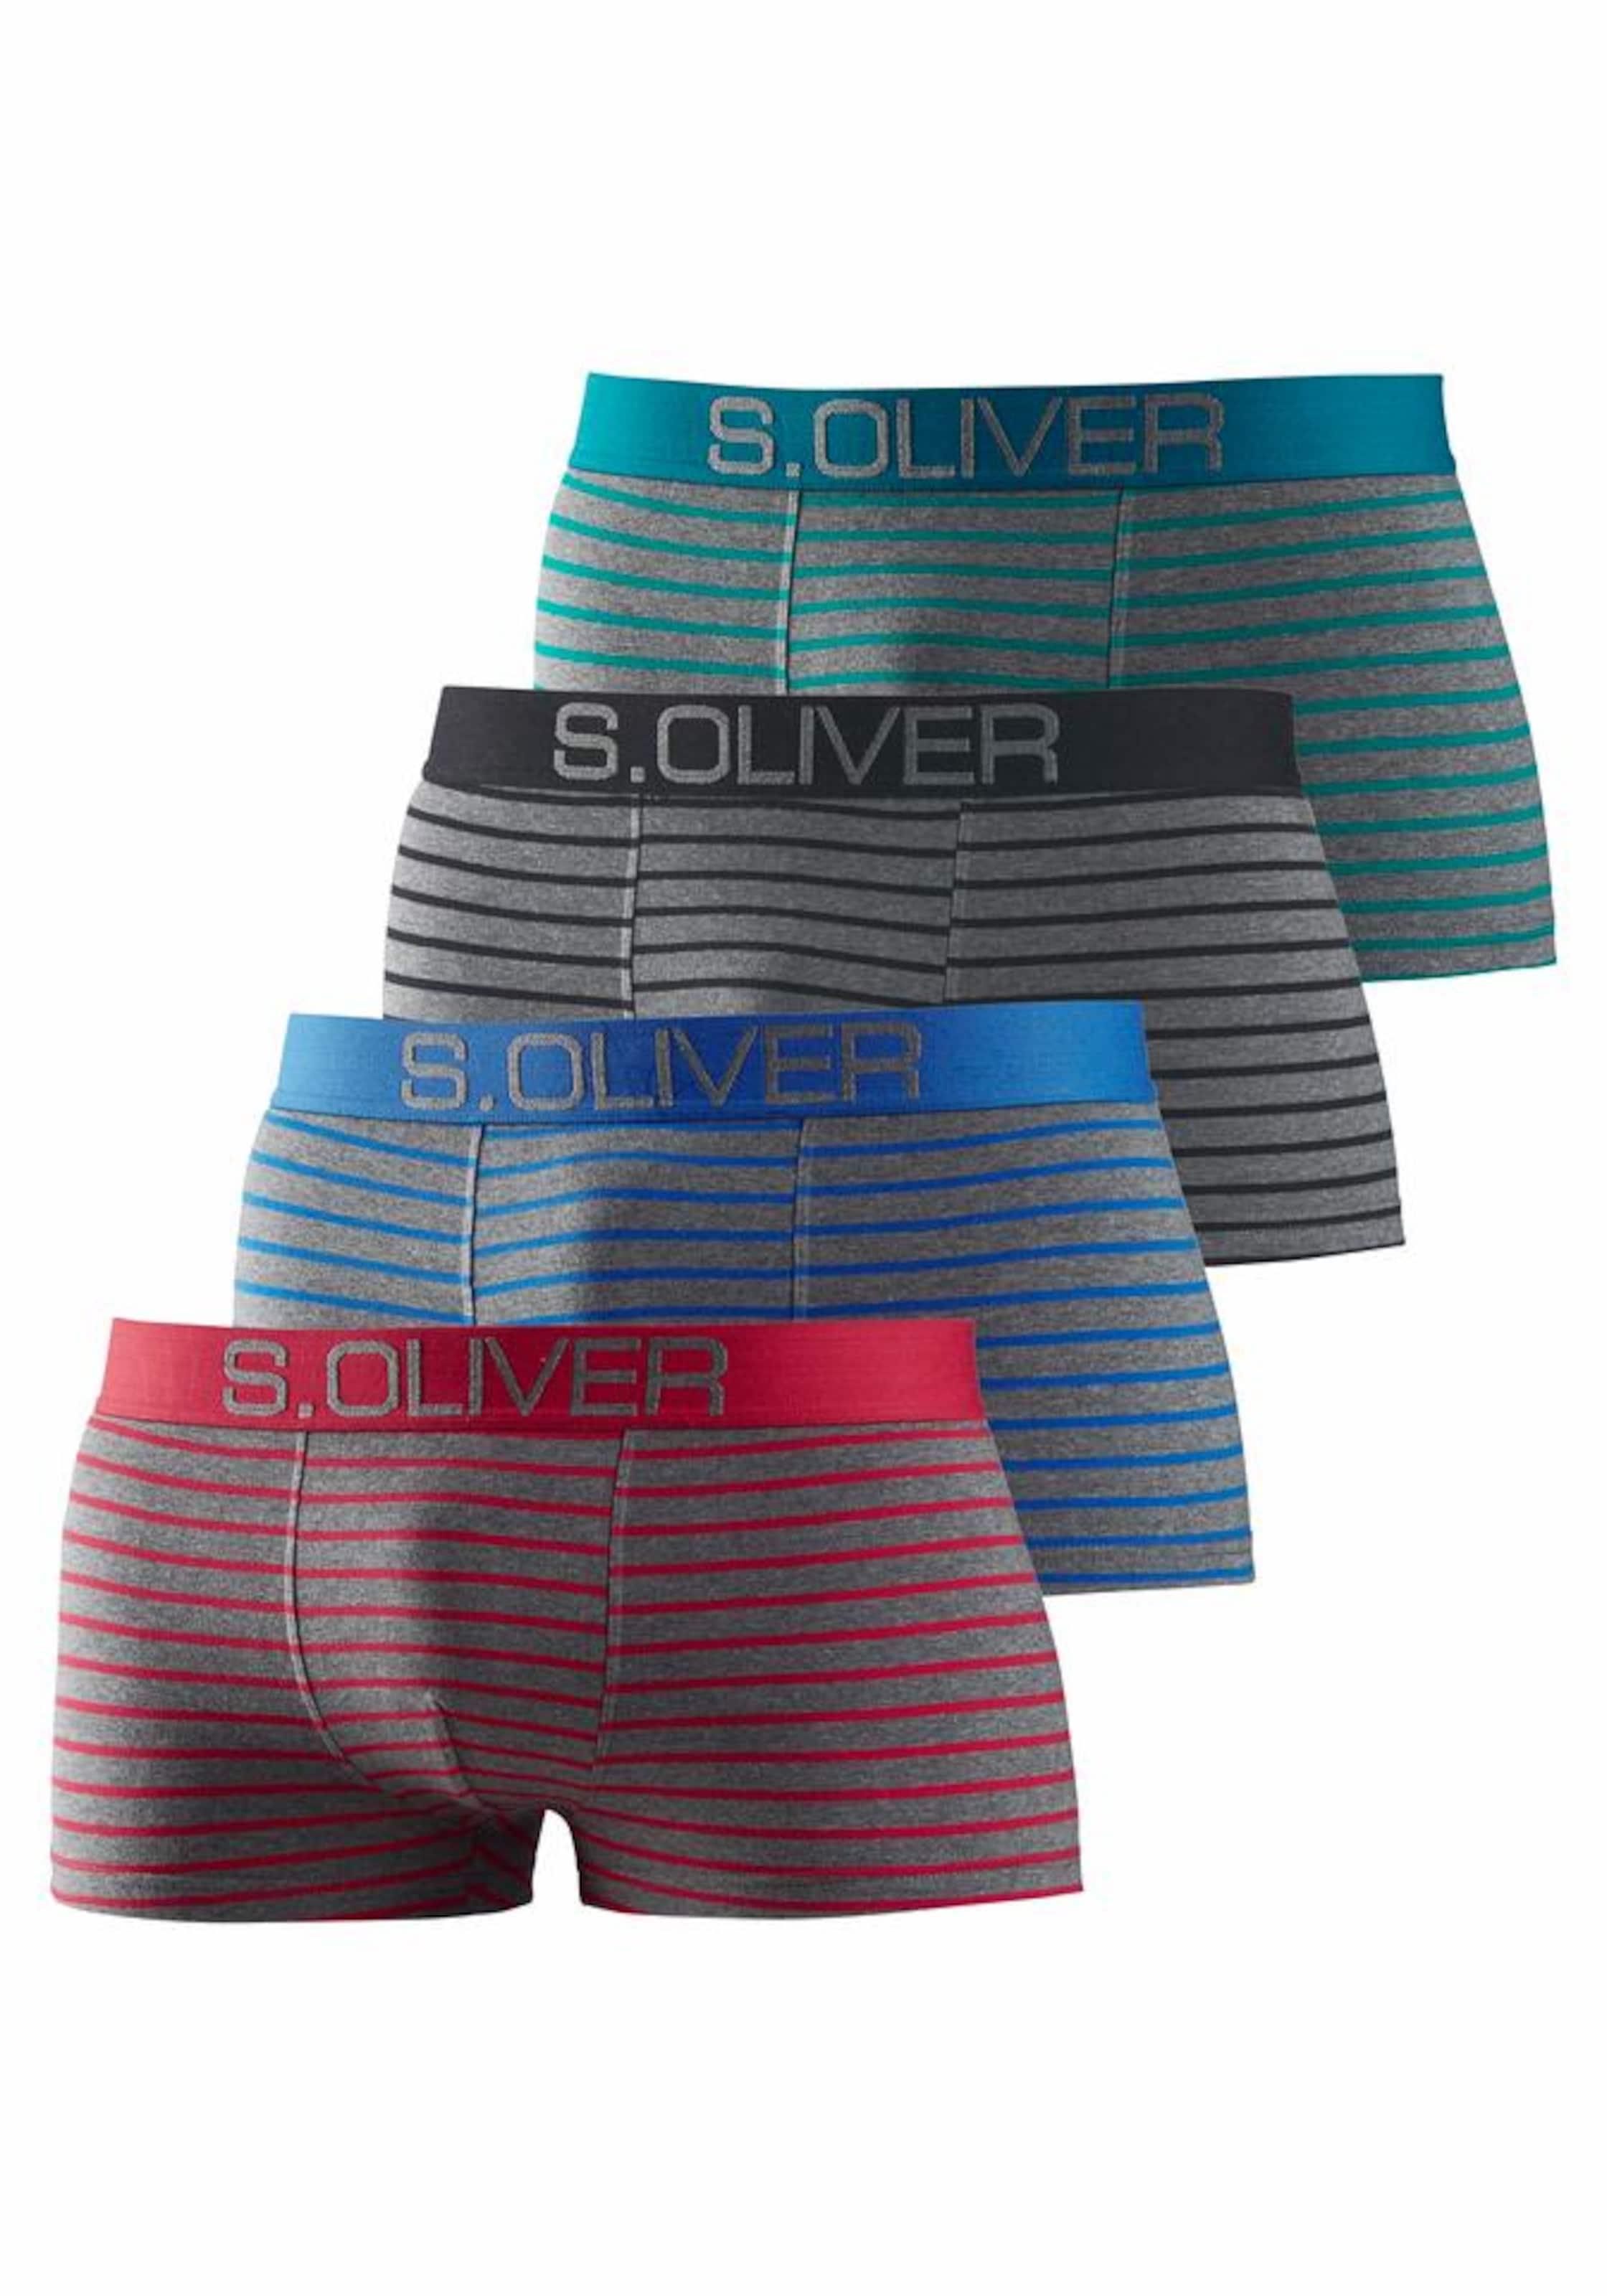 s.Oliver RED LABEL Bodywear Hipster mit kontrastfarbenem Webbund Günstig Kaufen Top-Qualität Um Zu Verkaufen Billig Neueste 5DbGF3pi